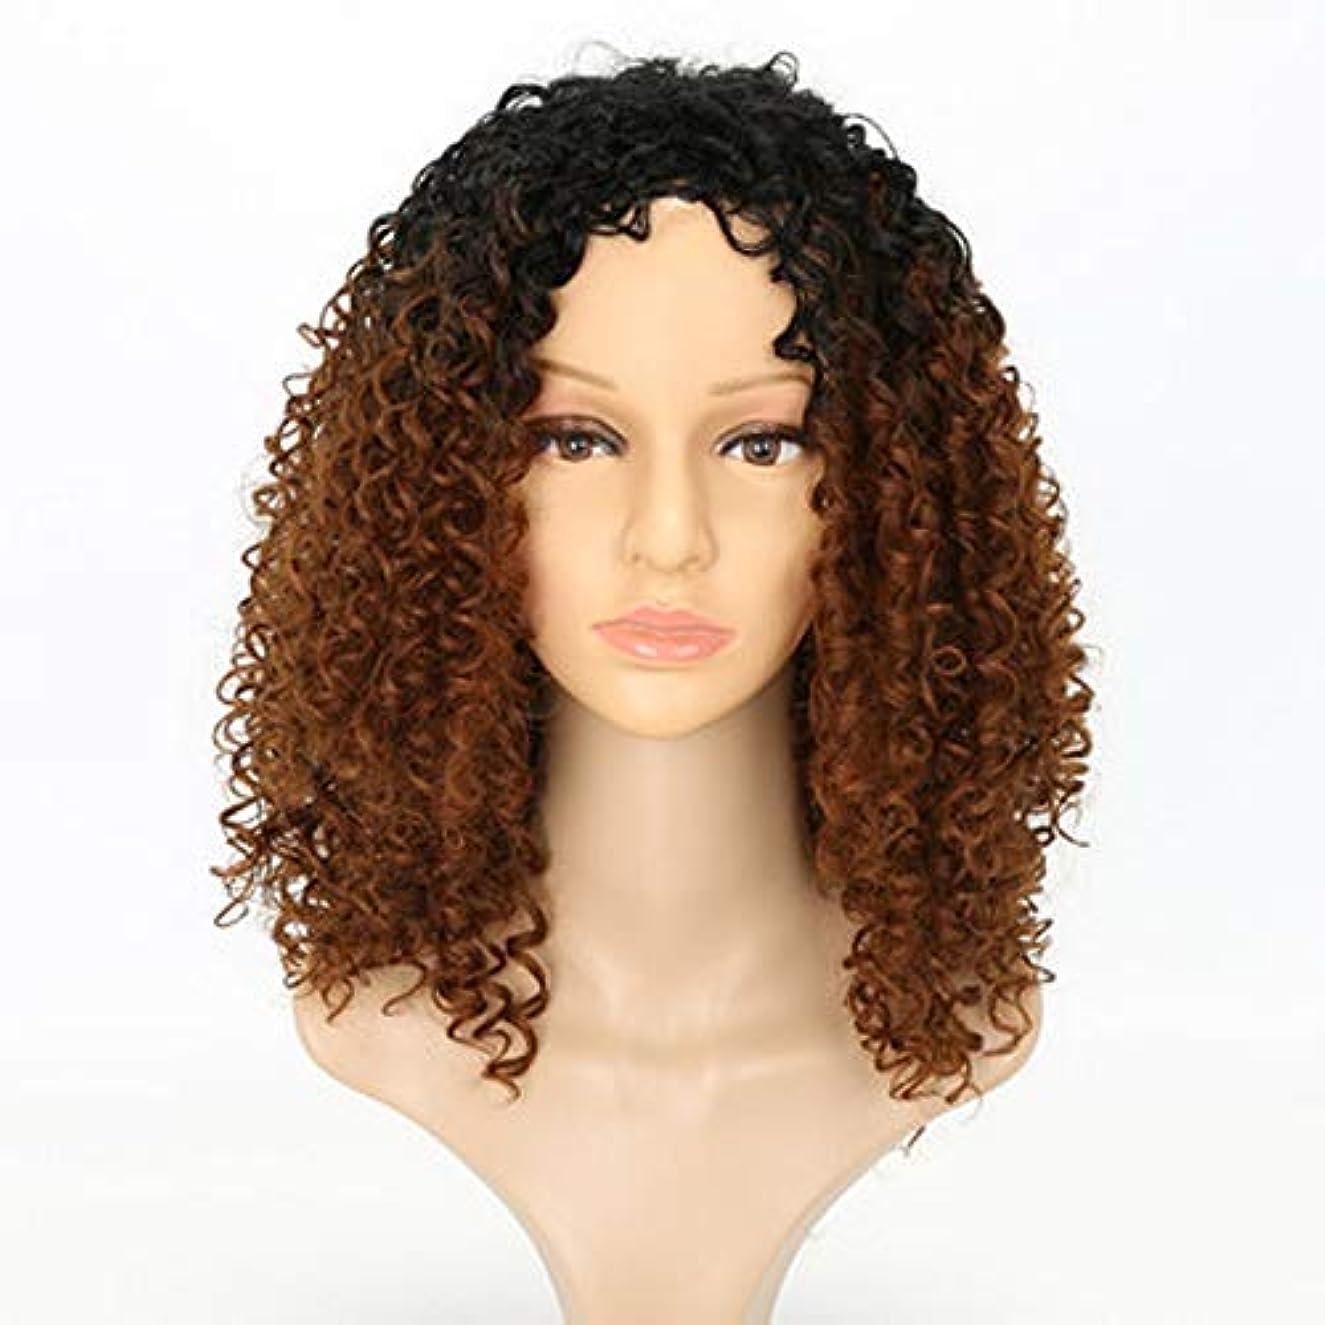 女性のための色のかつら長いウェーブのかかった髪、高密度温度合成かつら女性のグルーレスウェーブのかかったコスプレヘアウィッグ、女性のための耐熱繊維の髪のかつら、茶色のウィッグ18インチ